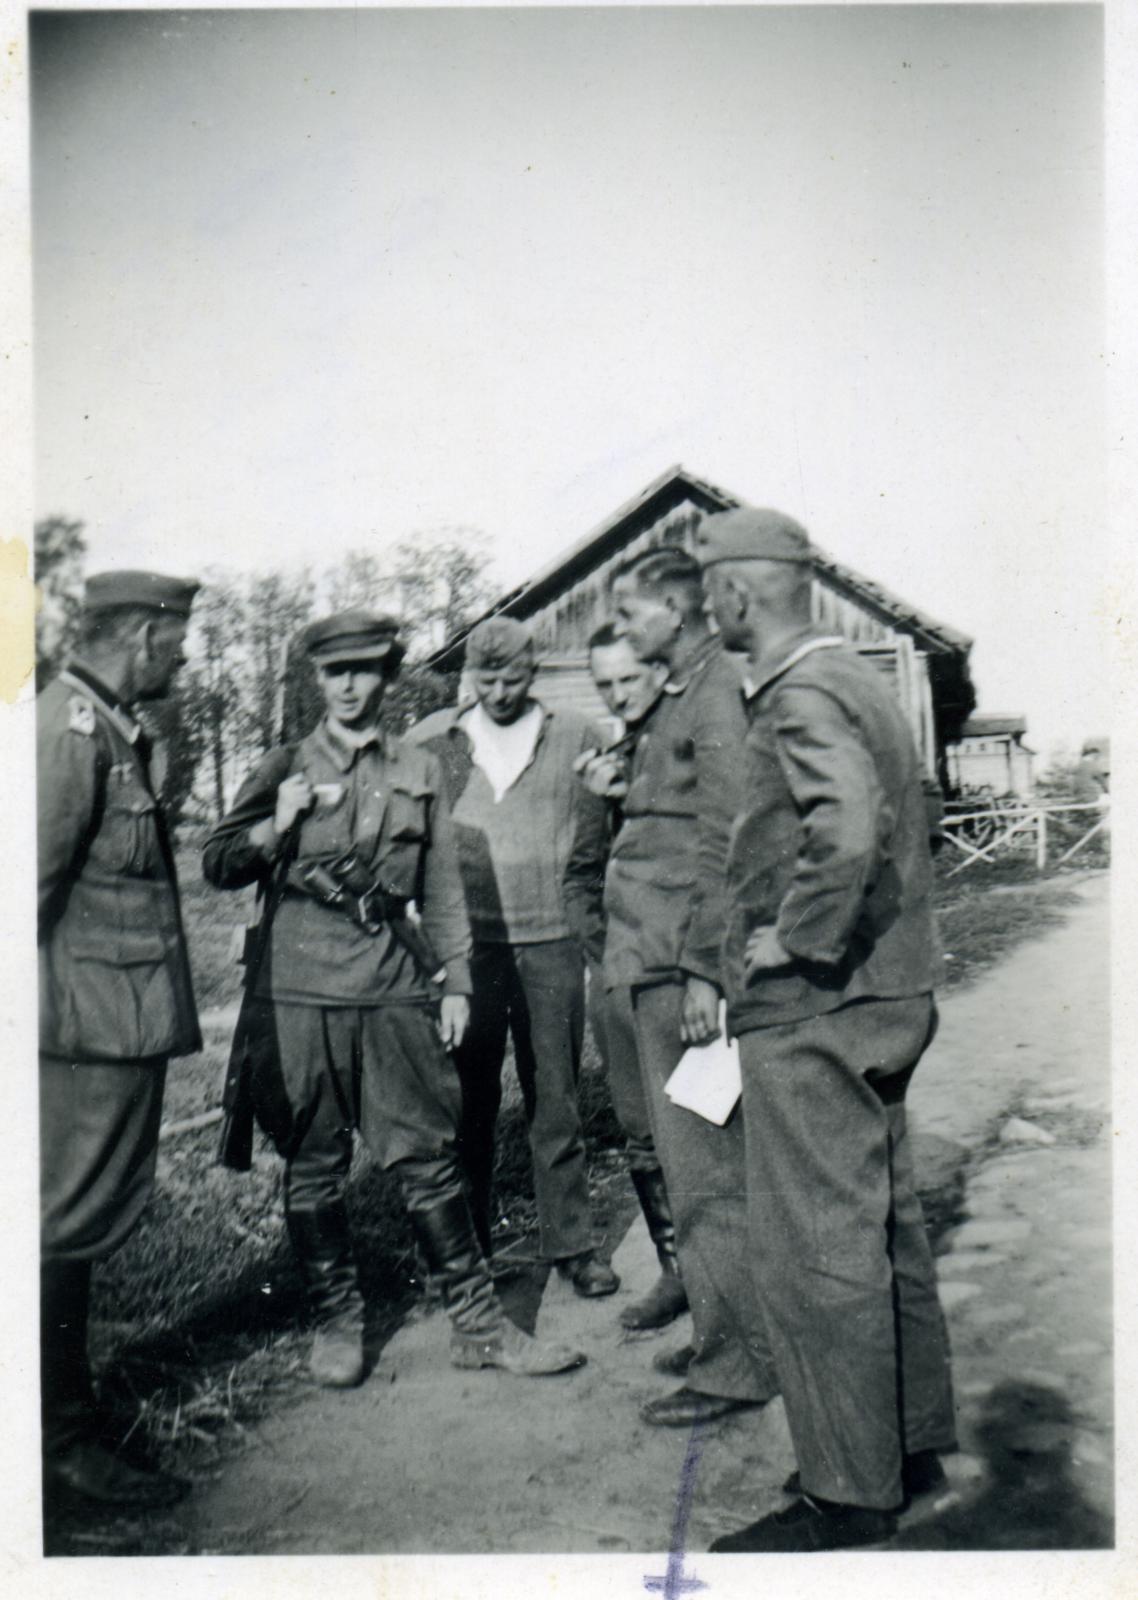 Самооборонец с гранатами и немцы. 1942